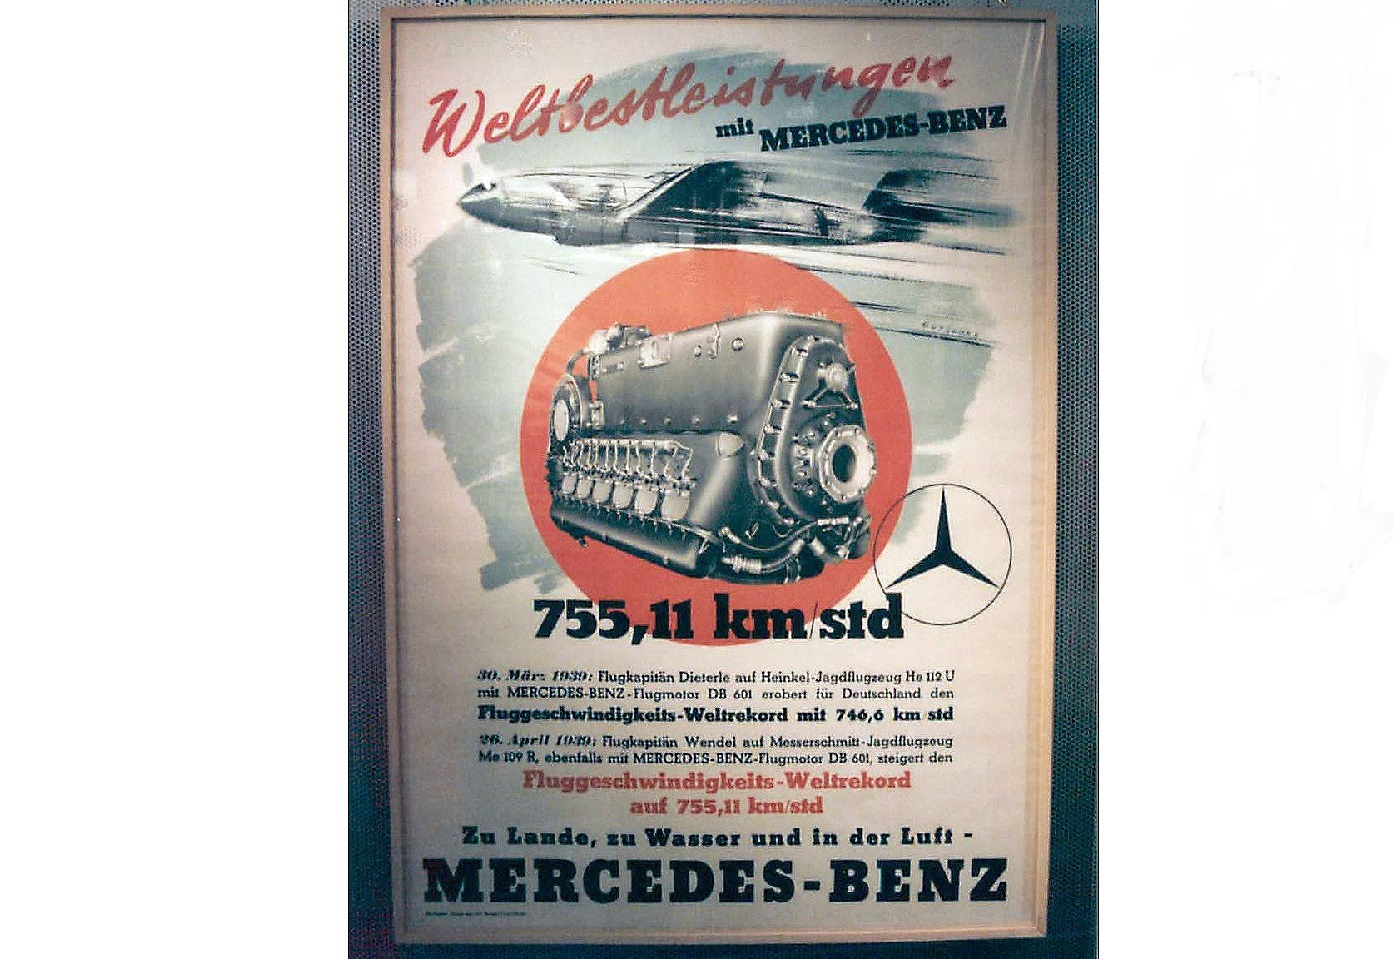 【車屋四六】ヒトラーのハッタリ宣伝による洗脳